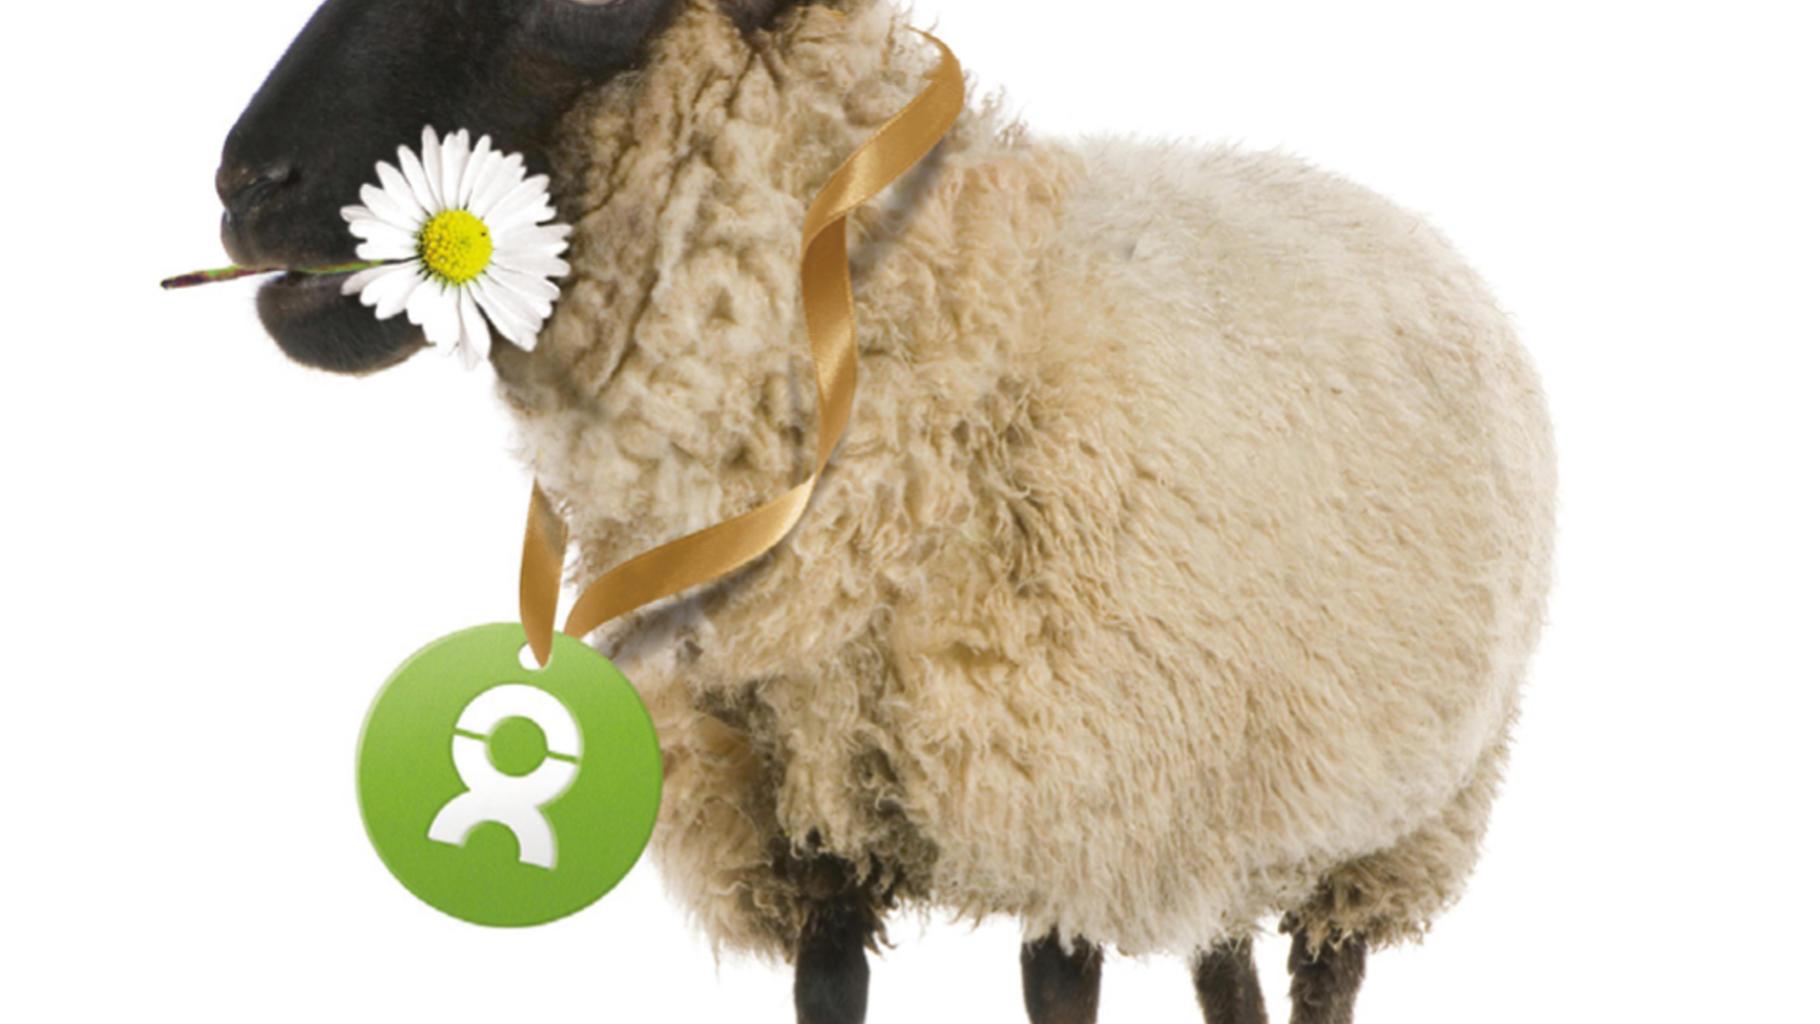 Charity-Geschenke zum Muttertag: ein kuscheliges Schaf